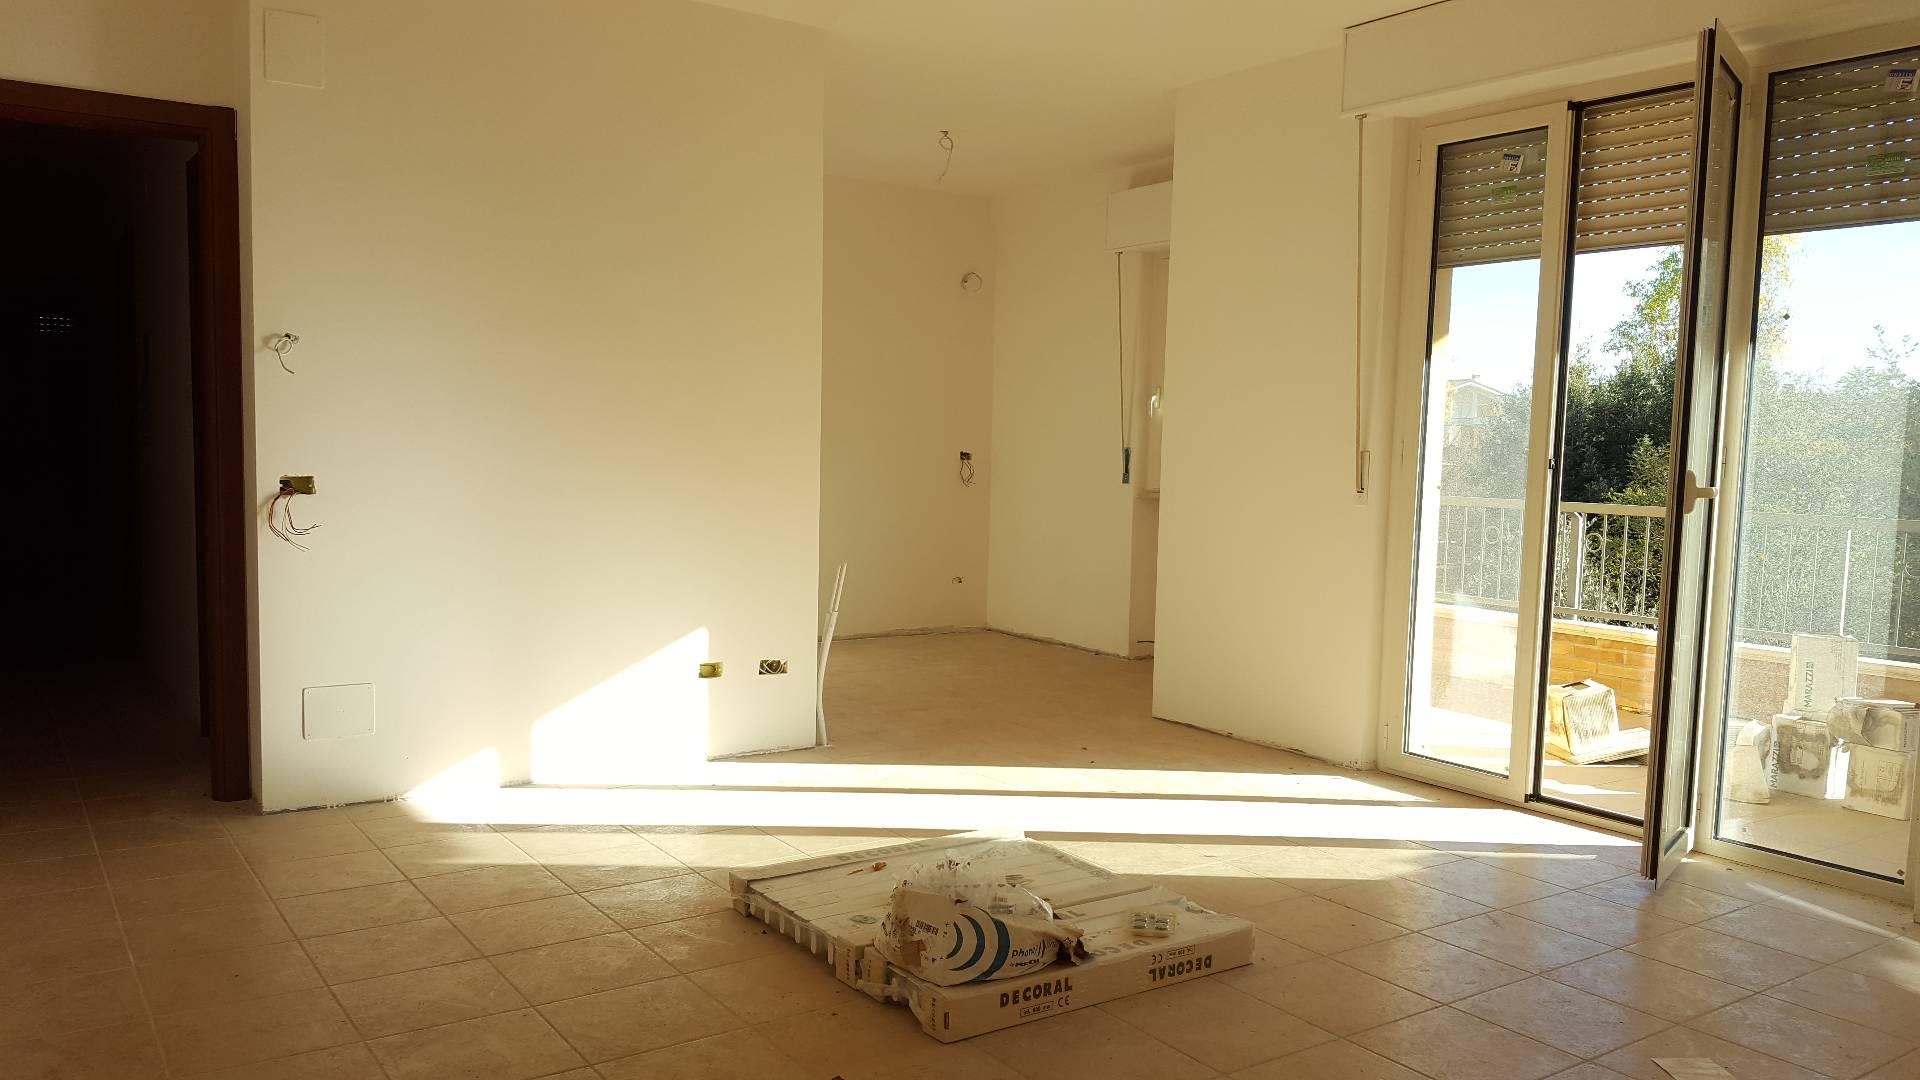 Appartamento in vendita a Giulianova, 3 locali, zona Località: Paese, prezzo € 130.000 | Cambio Casa.it